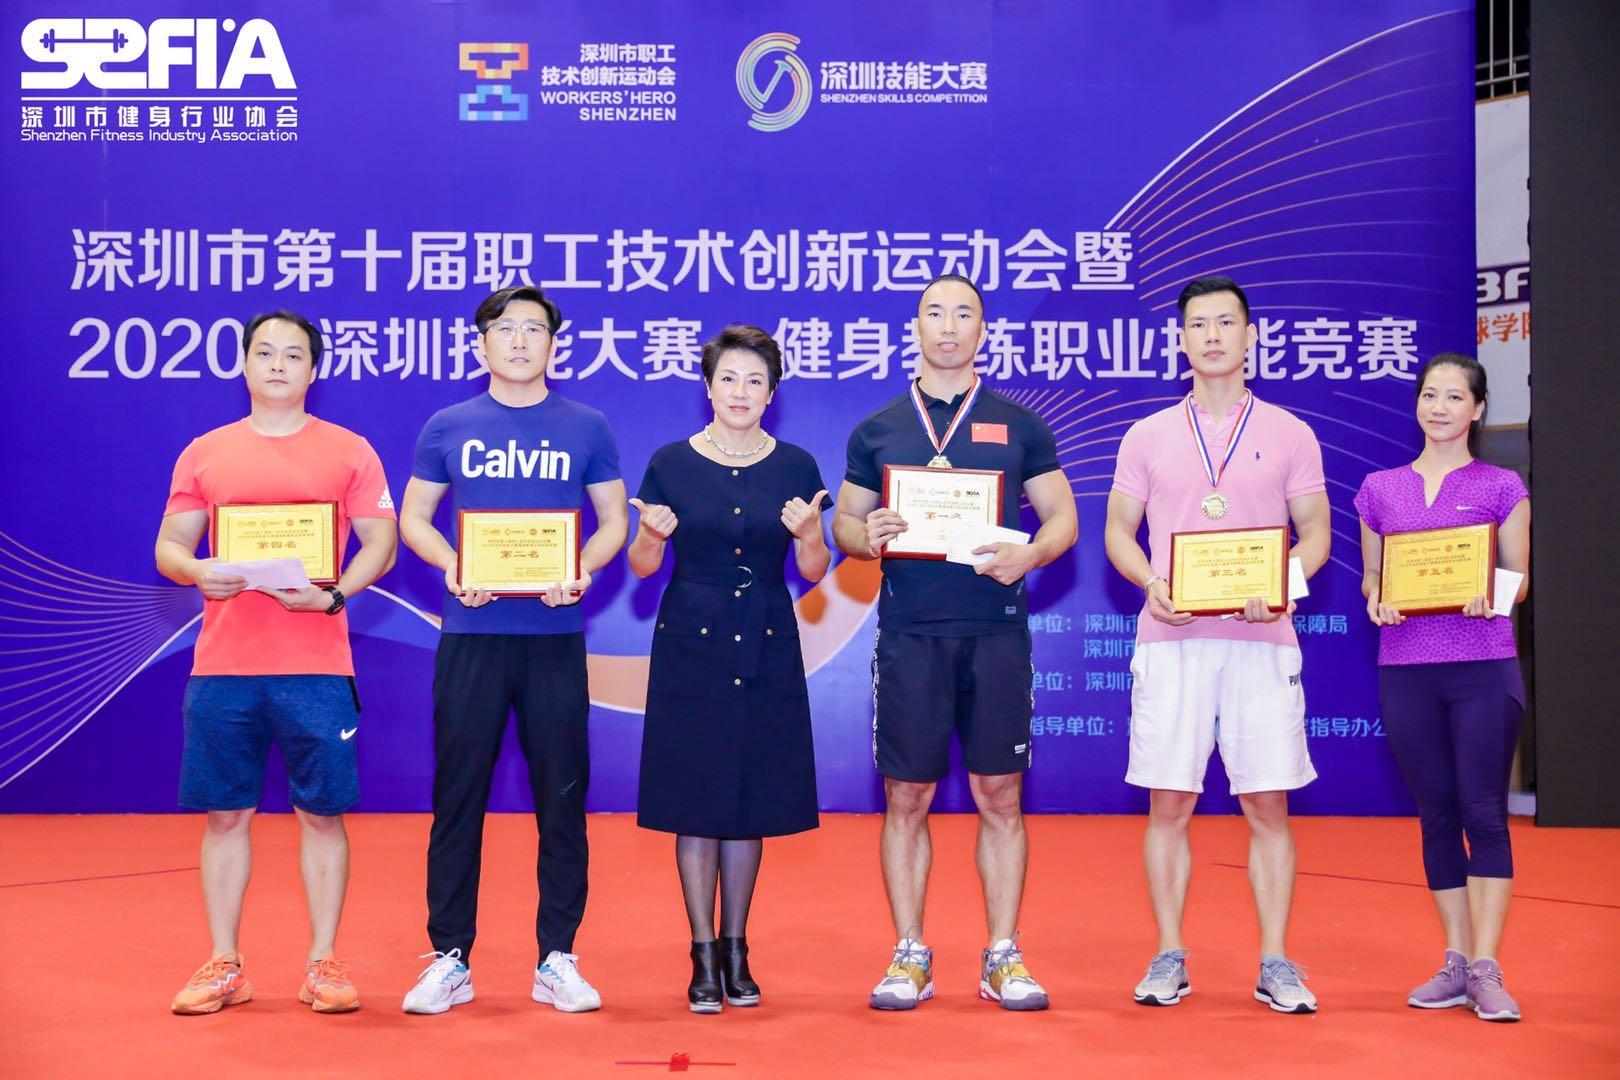 ?2020年深圳市健身教练职业技能竞赛开赛